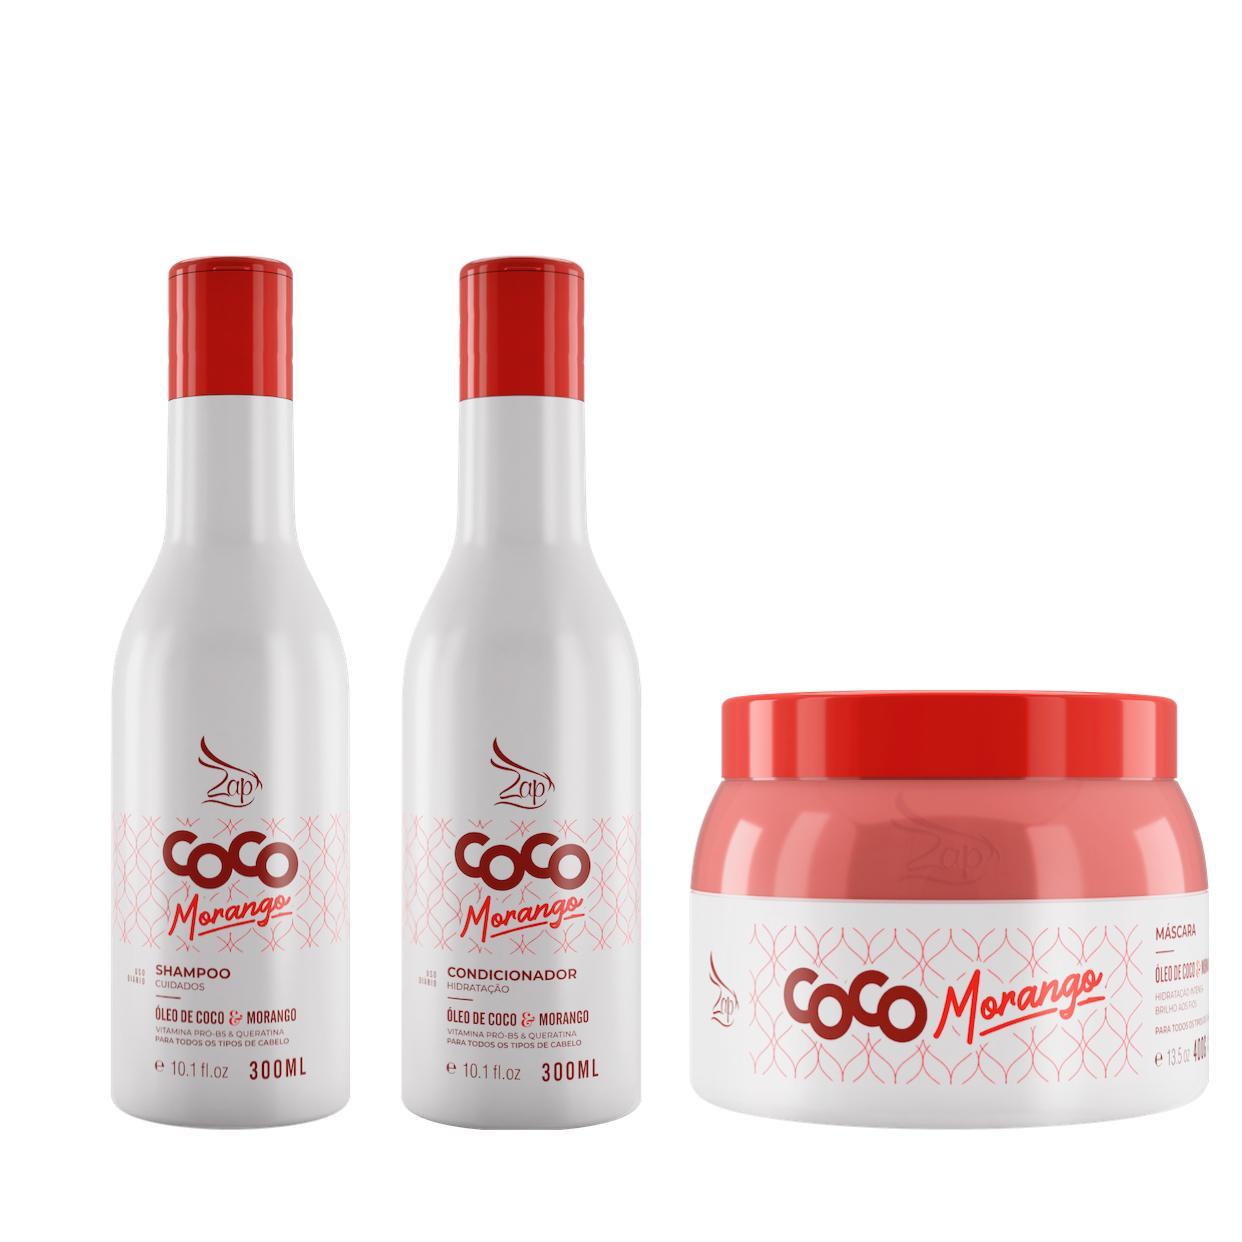 Zap Kit Completo Coco Morango Manutenção 300ml Lançamento